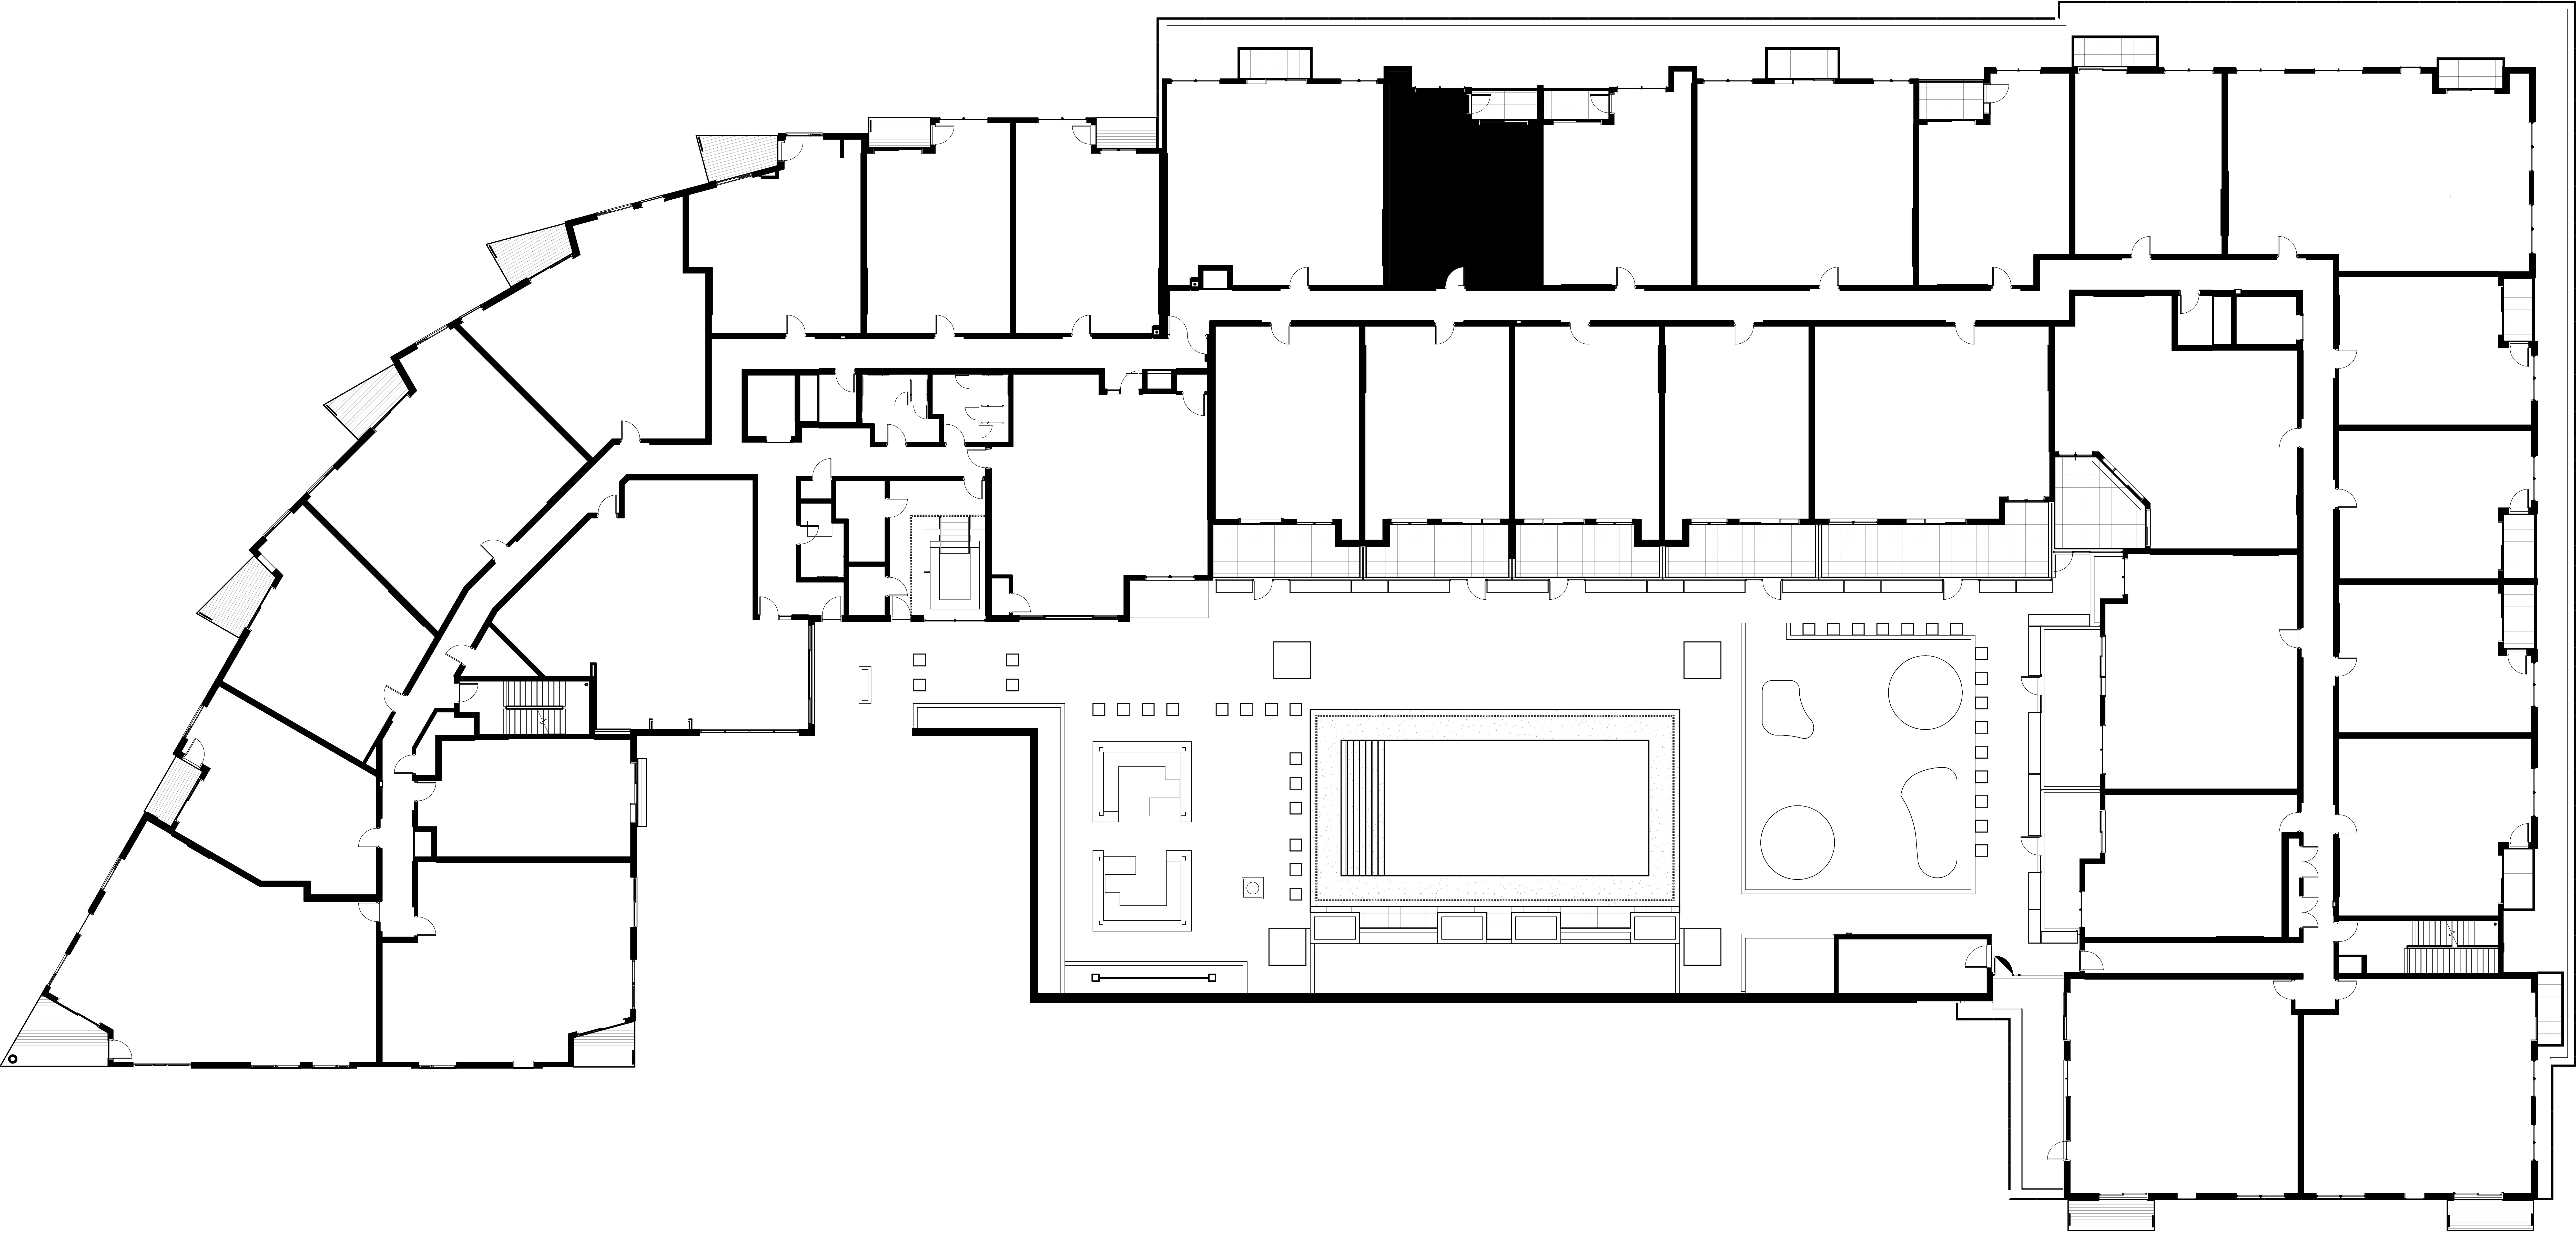 220 Floorplate